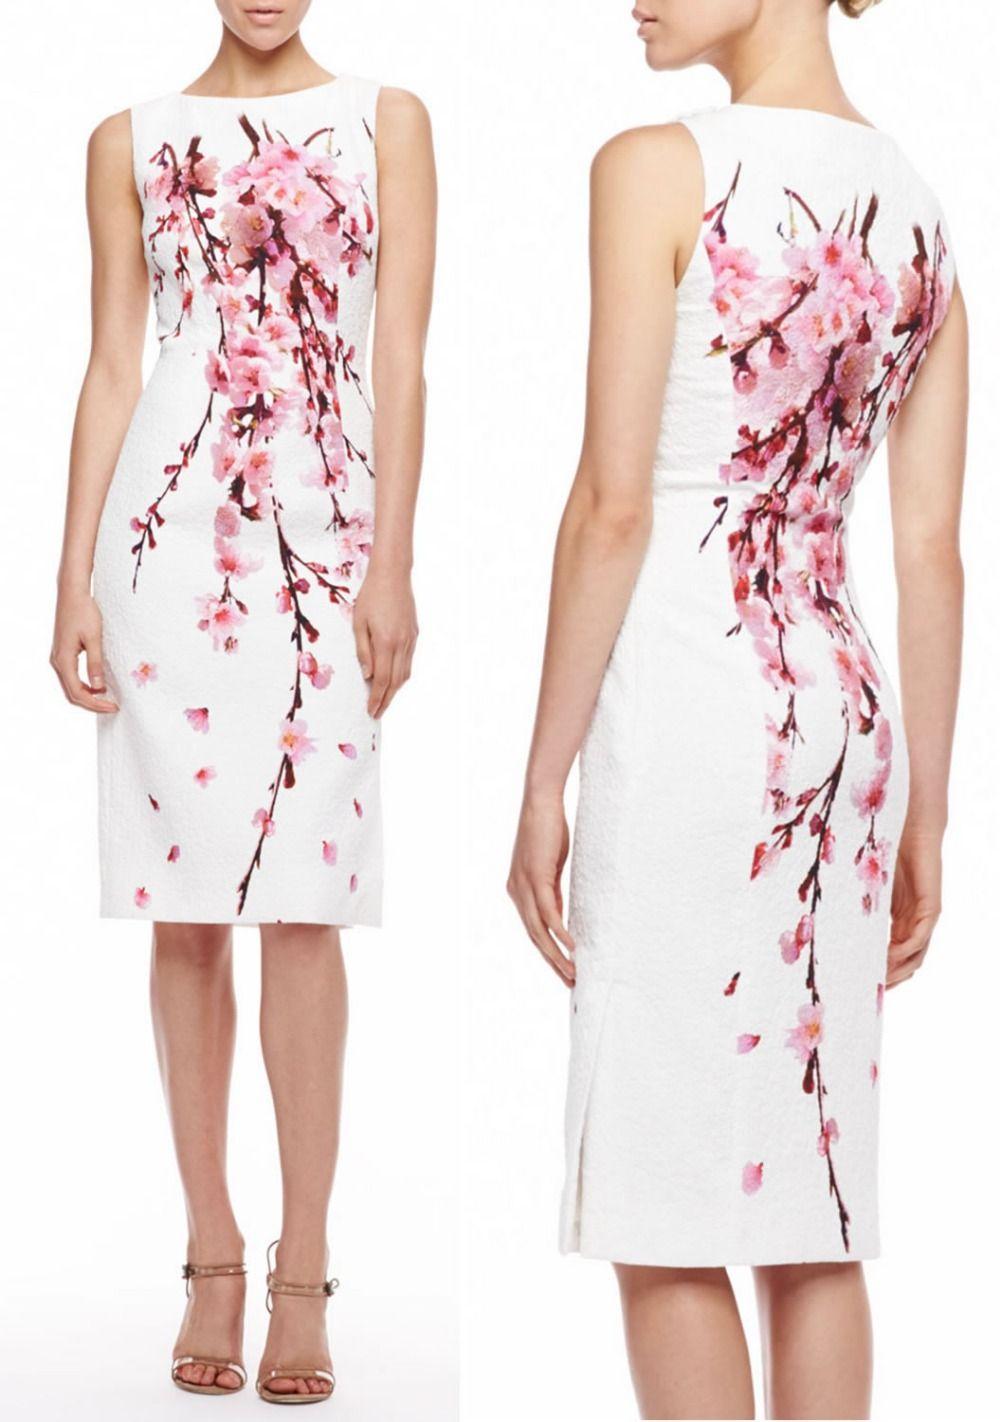 Günstige Frauen Kirschblüte Jacquard Kleid elegante Weiße party ...